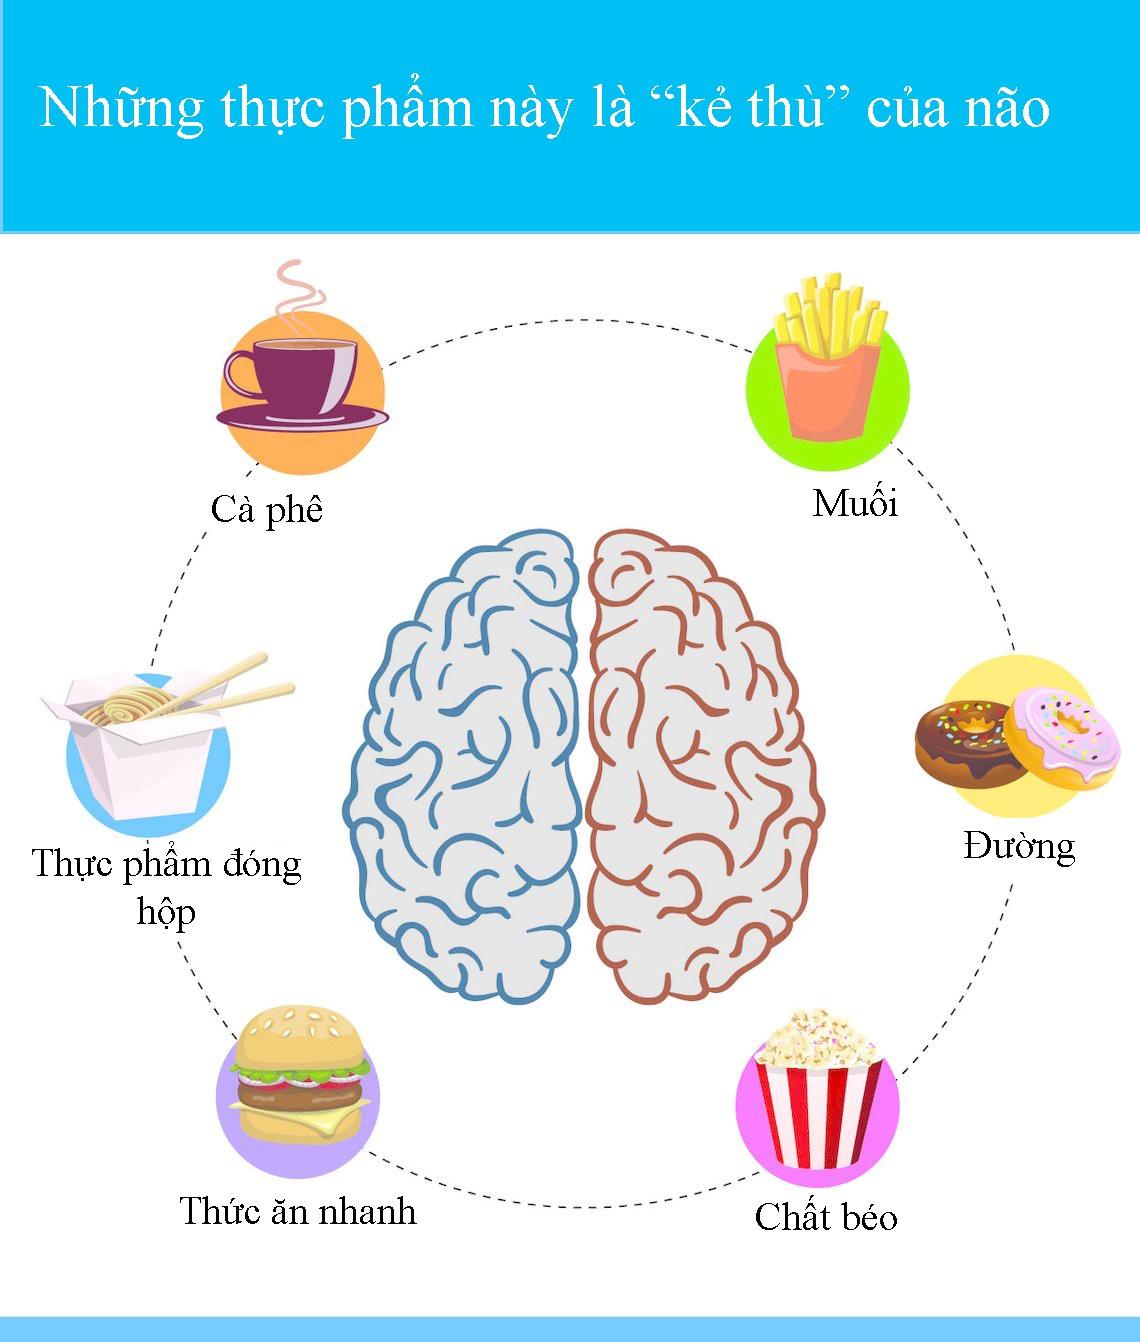 10 thực phẩm bổ não, tăng cường trí nhớ - 'vị cứu tinh' dành riêng cho trẻ sắp vào lớp 1